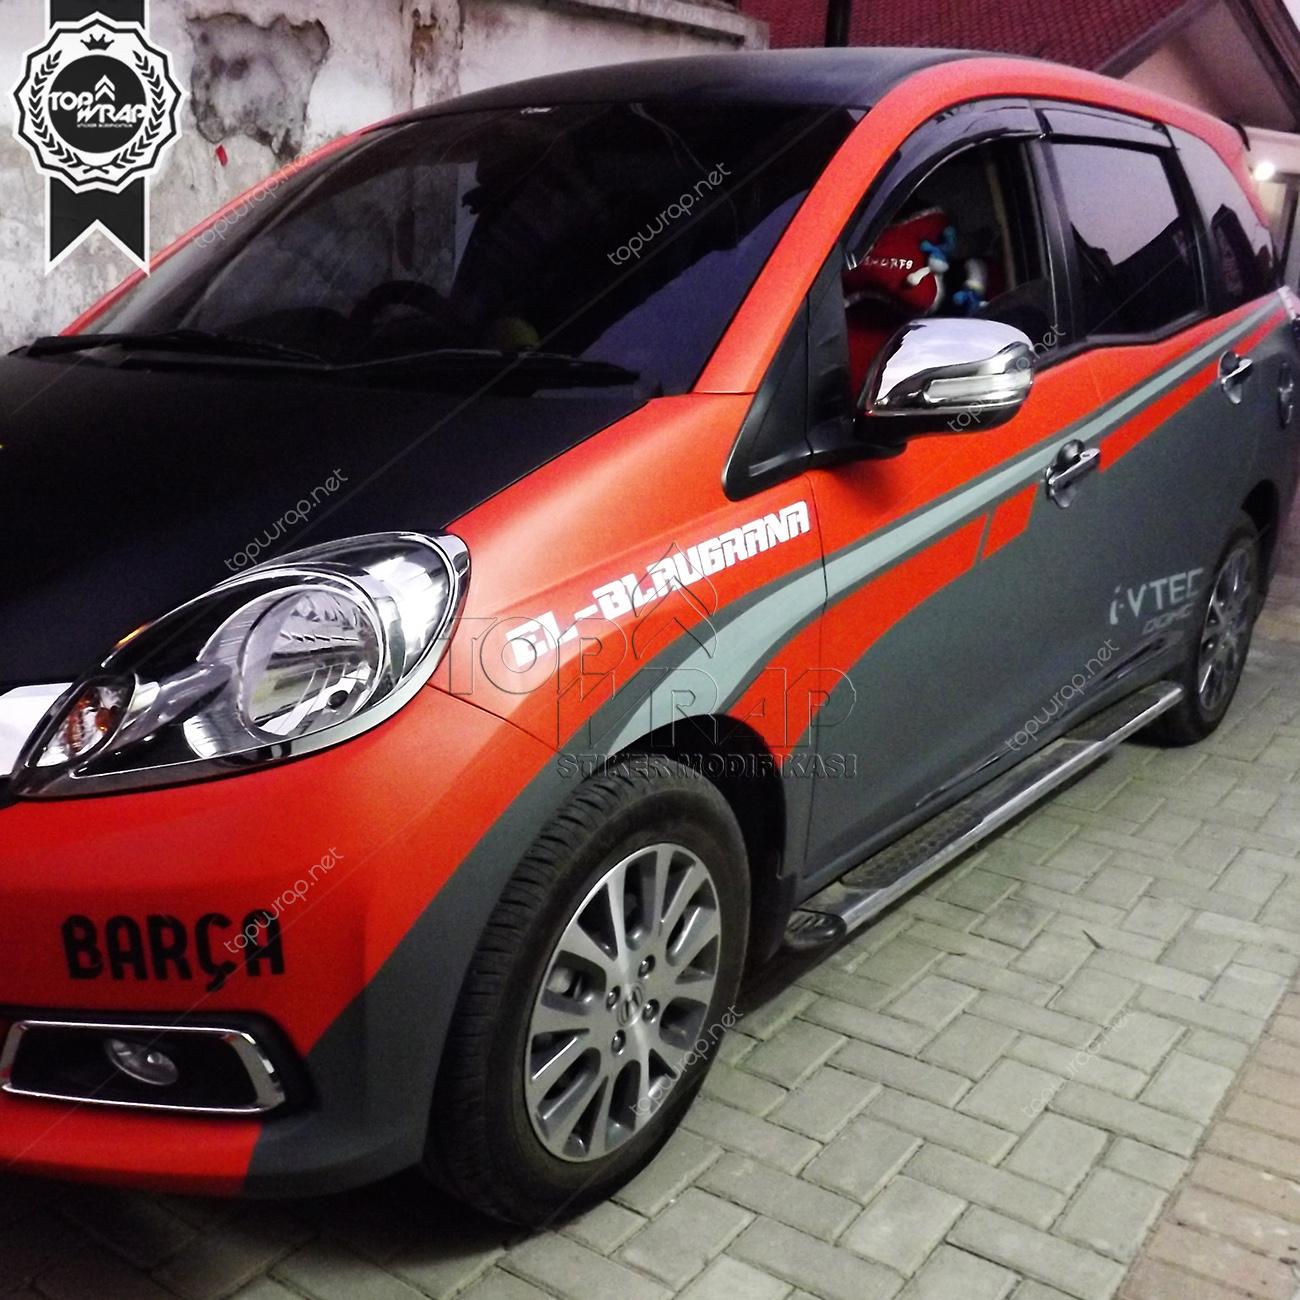 Gambar Biaya Modifikasi Mobil Full Body Terlengkap Modifikasi Mobil Sedan